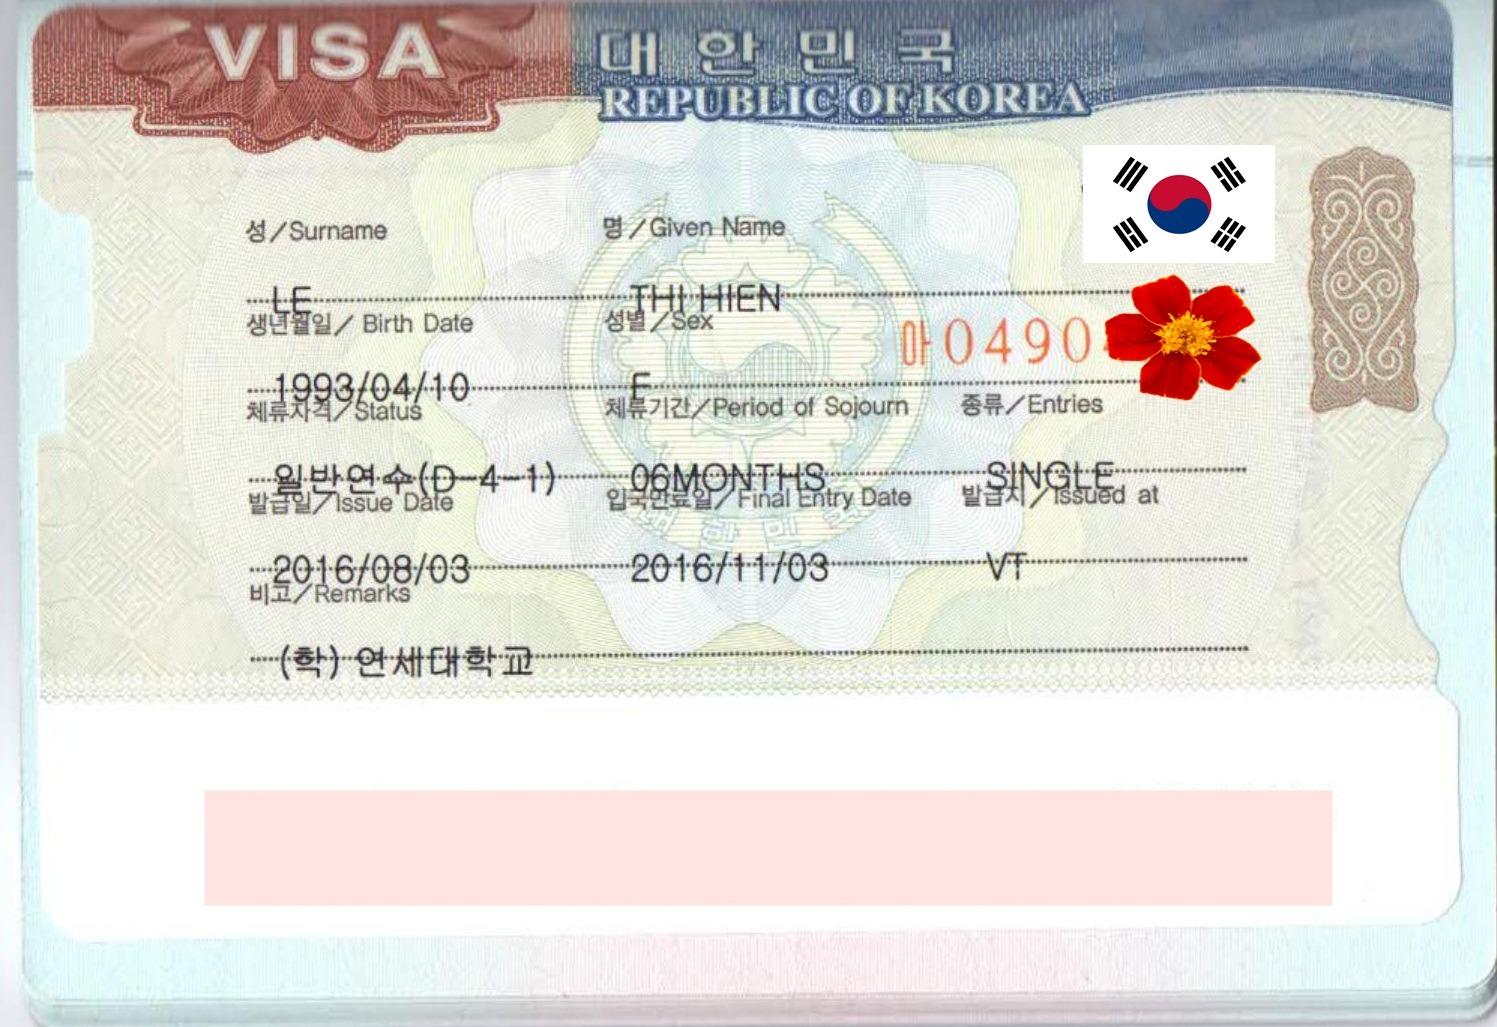 Chúc mừng bạn Lê Thị Hiền nhận được visa du học  Hàn Quốc kì tháng 9.2016.